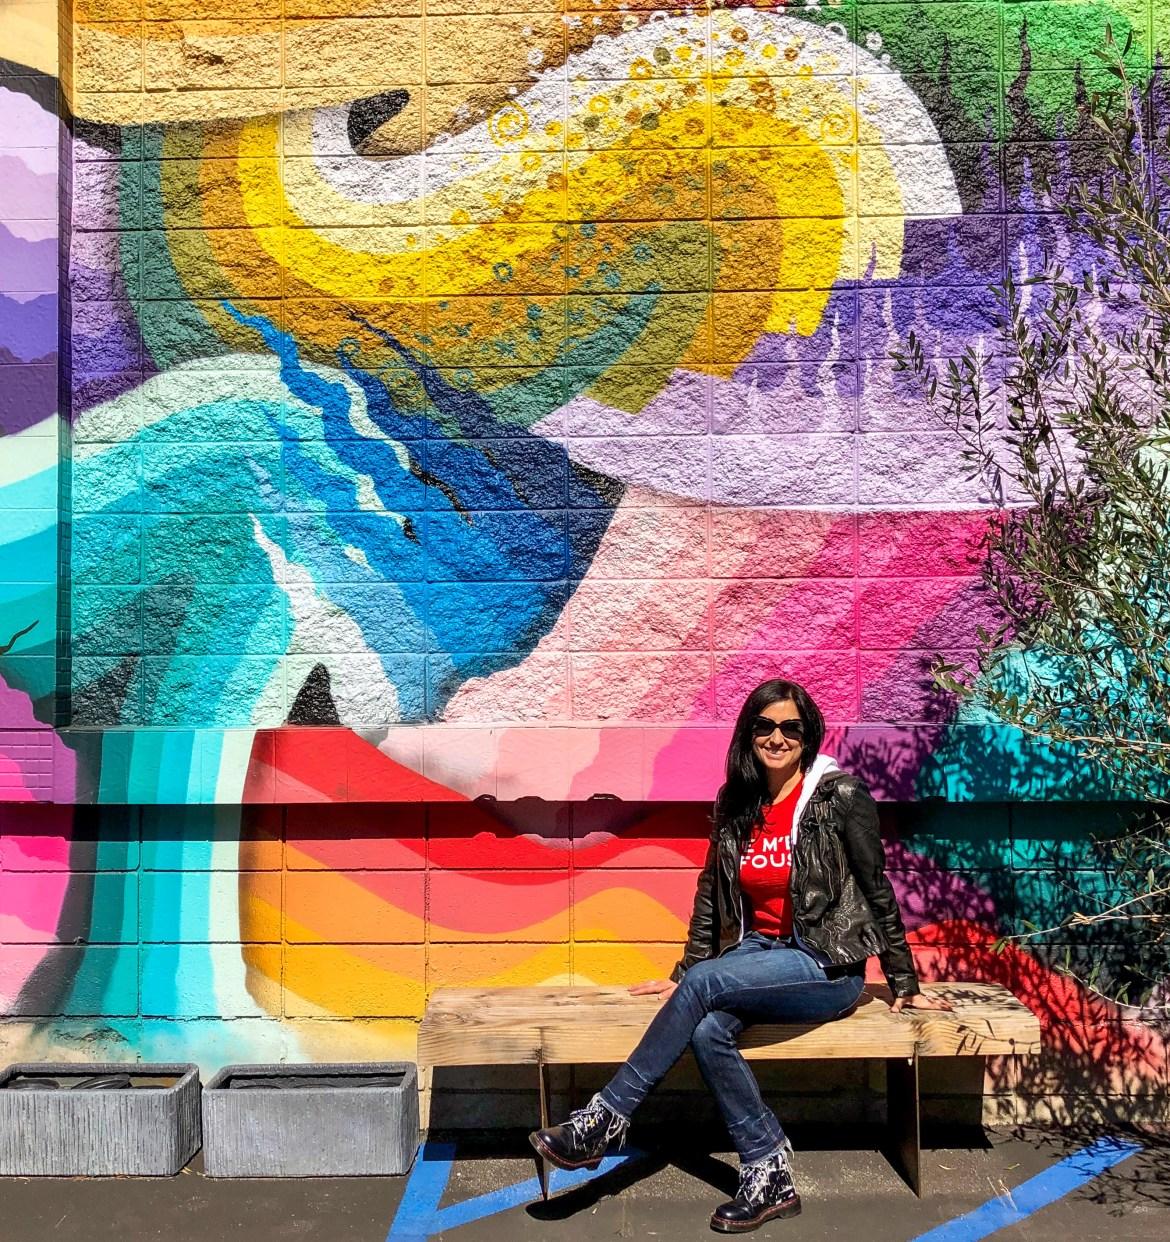 #downtownlosangeles #streetart